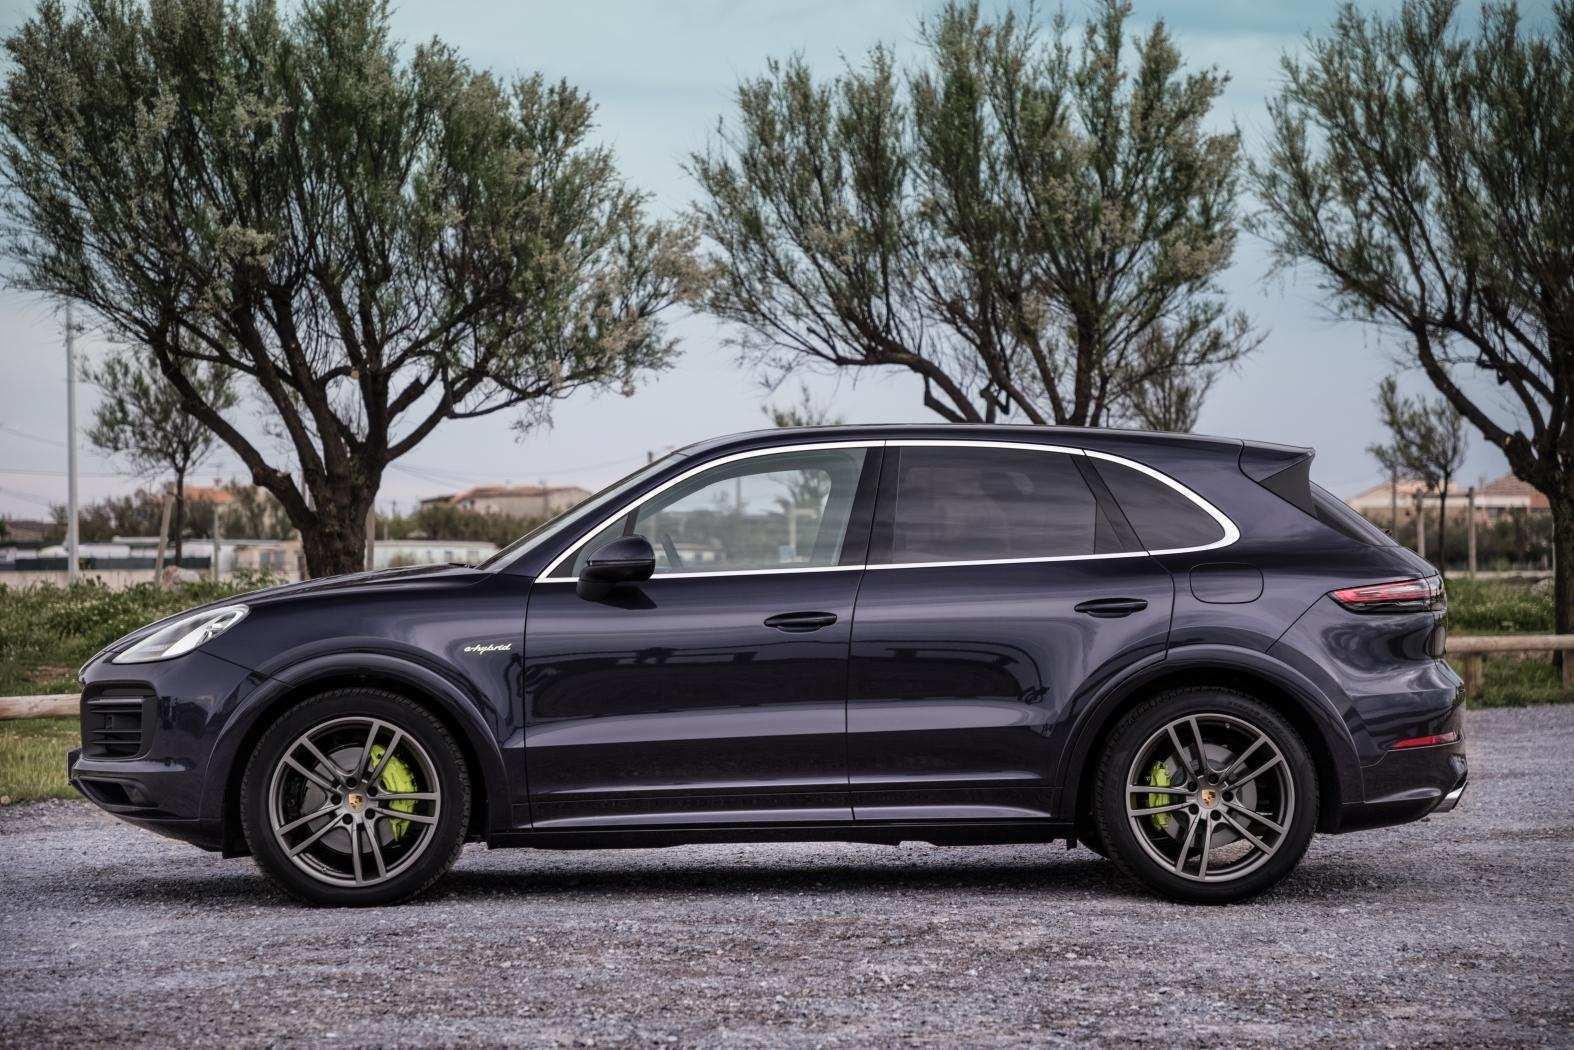 38 New 2019 Porsche E Hybrid Release Date for 2019 Porsche E Hybrid